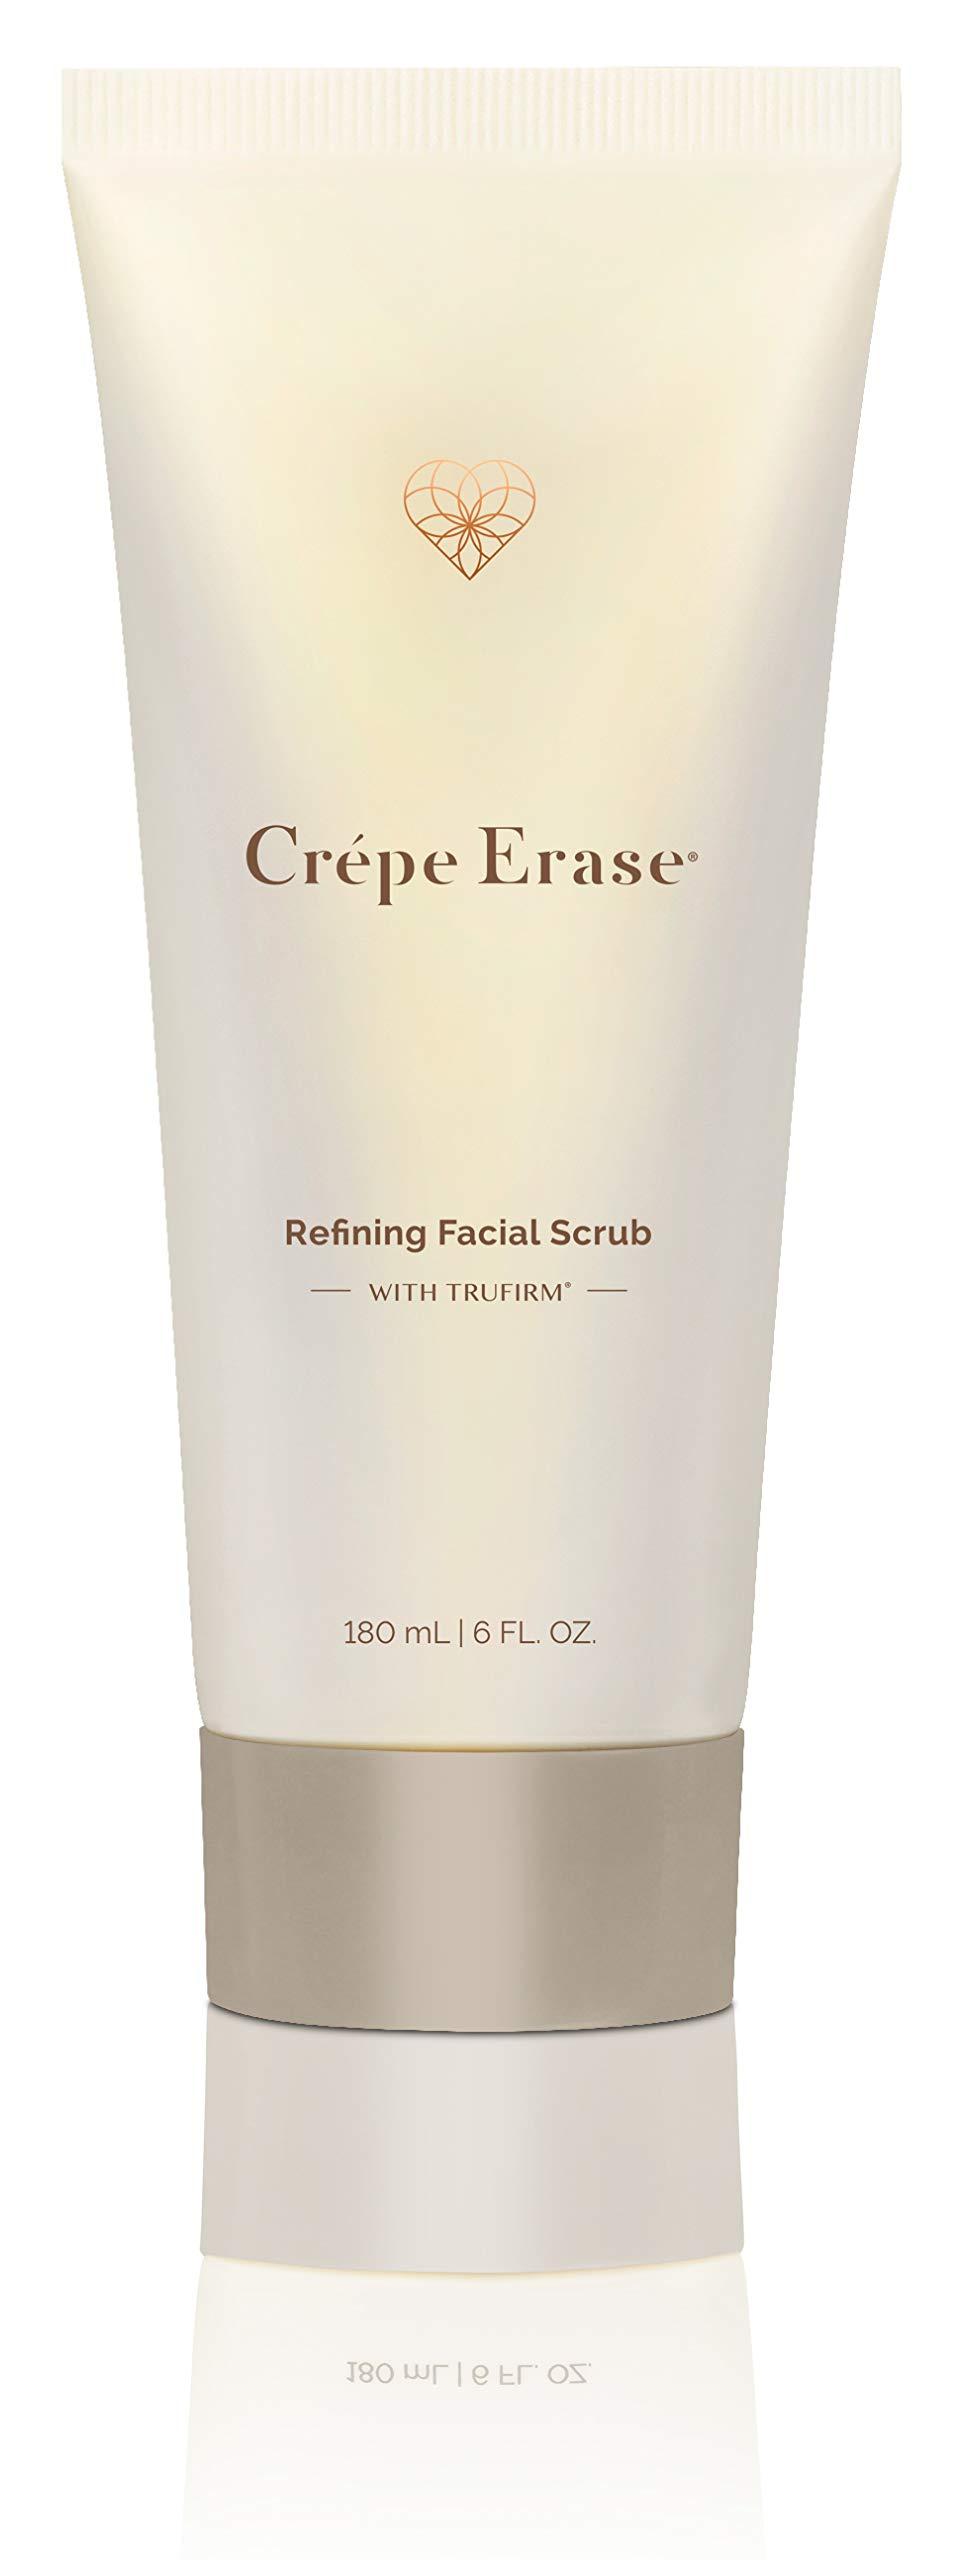 Crépe Erase Advanced - Refining Facial Scrub - Original Citrus Scent - Full Size/1.7 Ounces